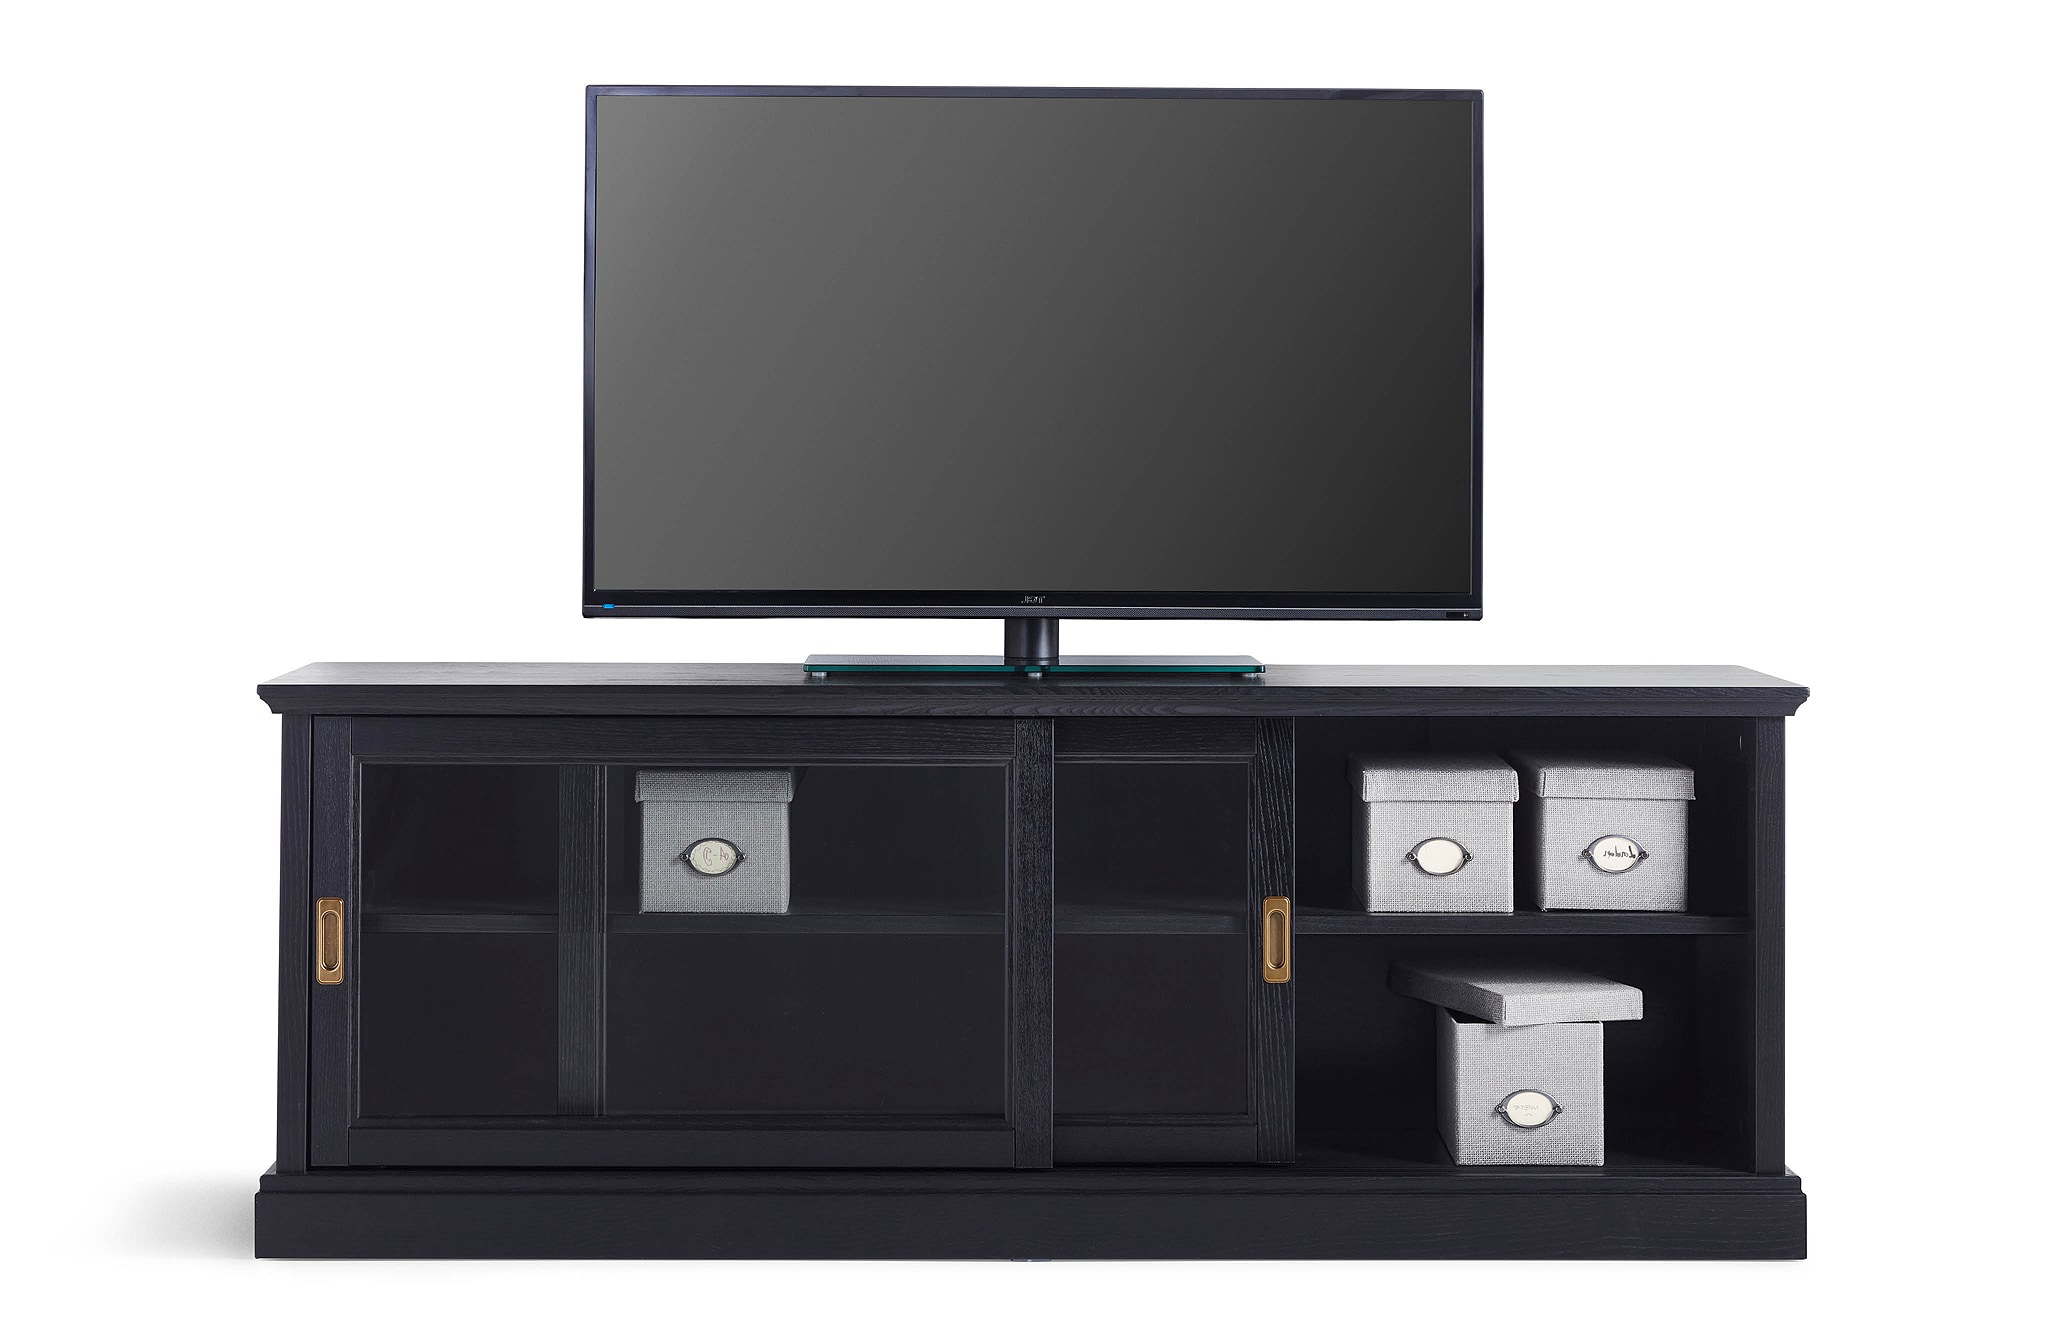 Mesas De Television Ikea 3id6 Muebles De Tv Y Muebles Para El Salà N Pra Online Ikea